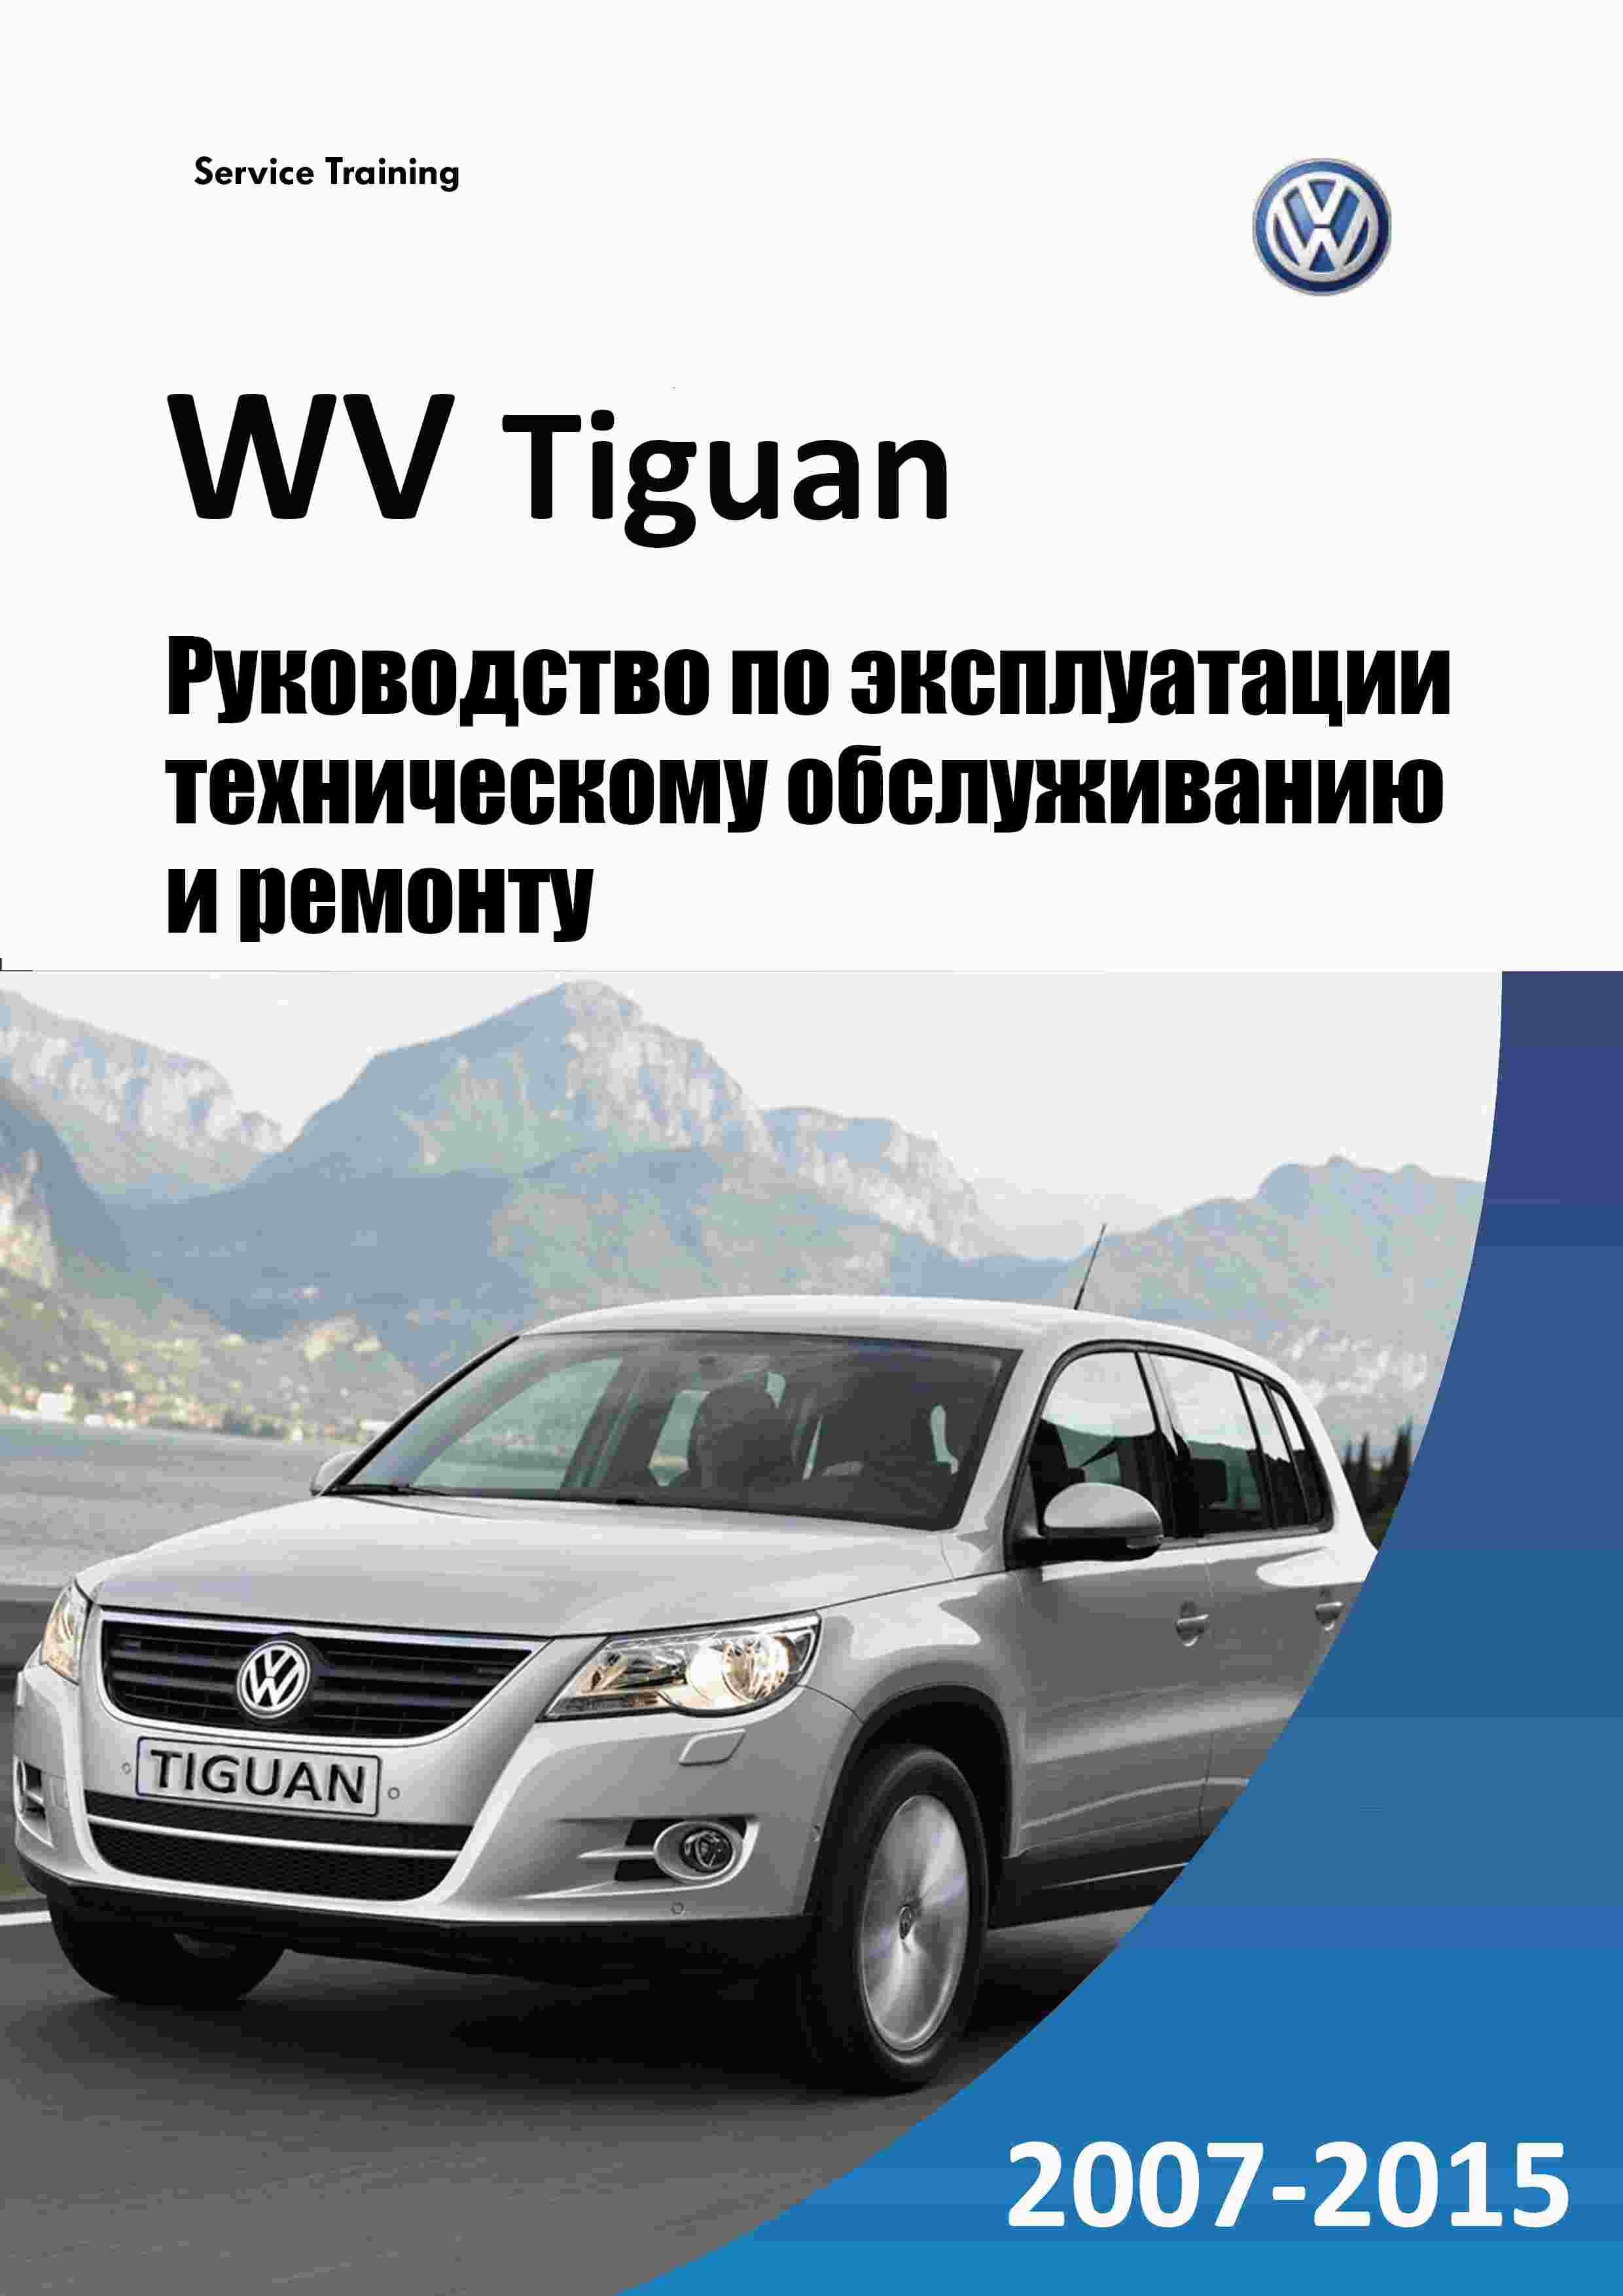 Volkswagen Tiguan c 2007 Руководство по эксплуатации, ремонту и техническому обслуживанию обложка